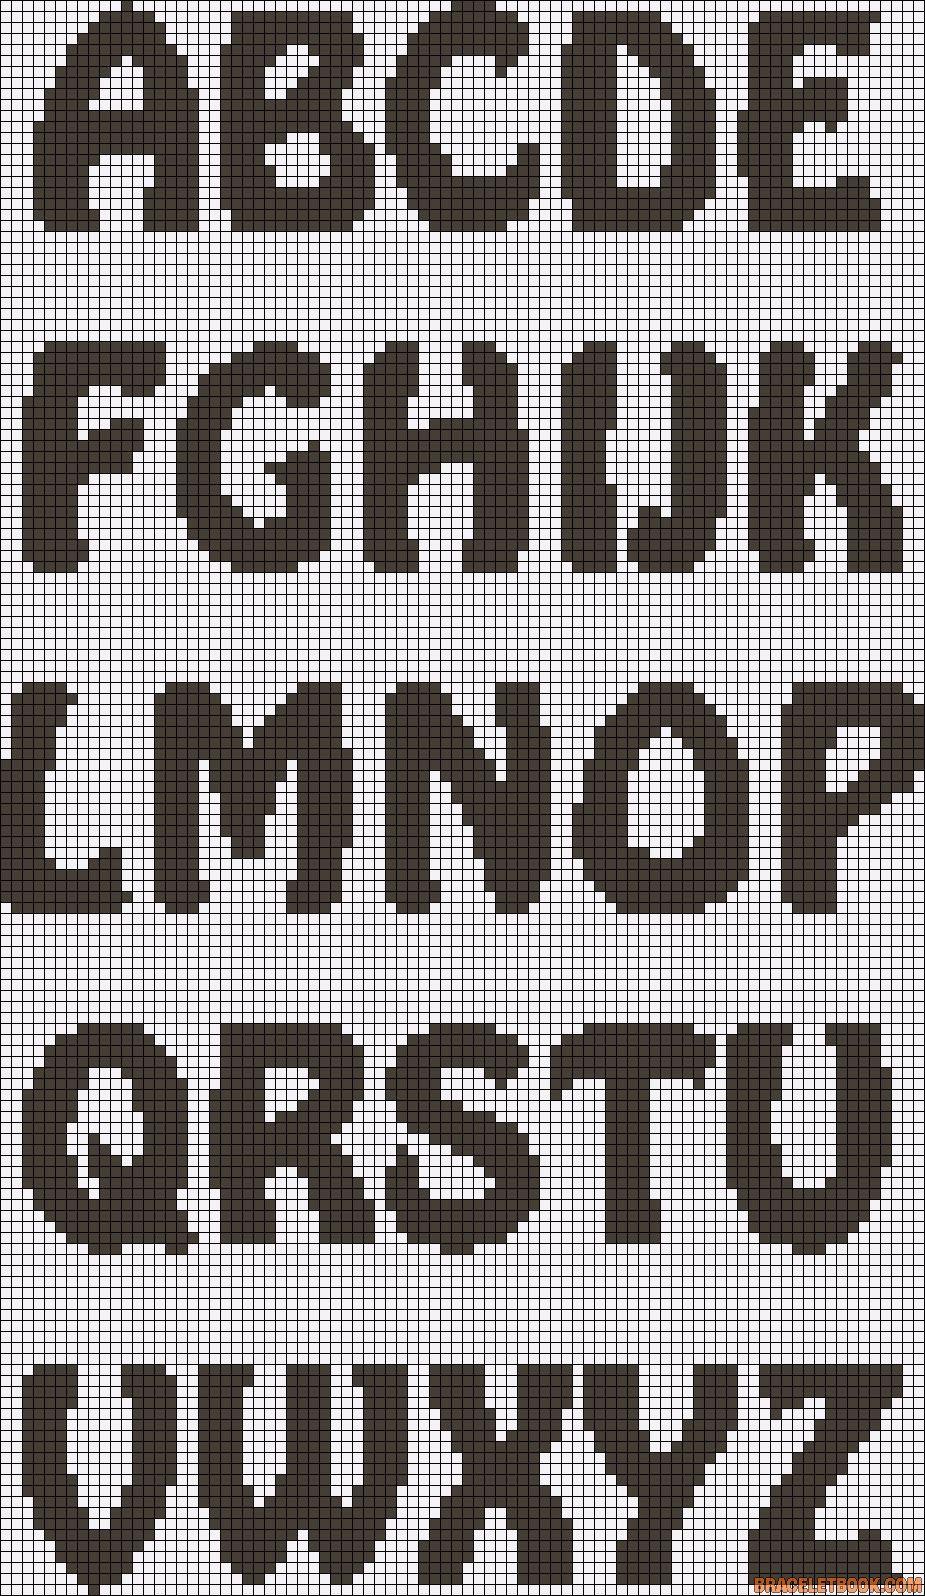 Pin by Martina Ralbovská on KORALKY   Pinterest   Stitch, Chart and ...